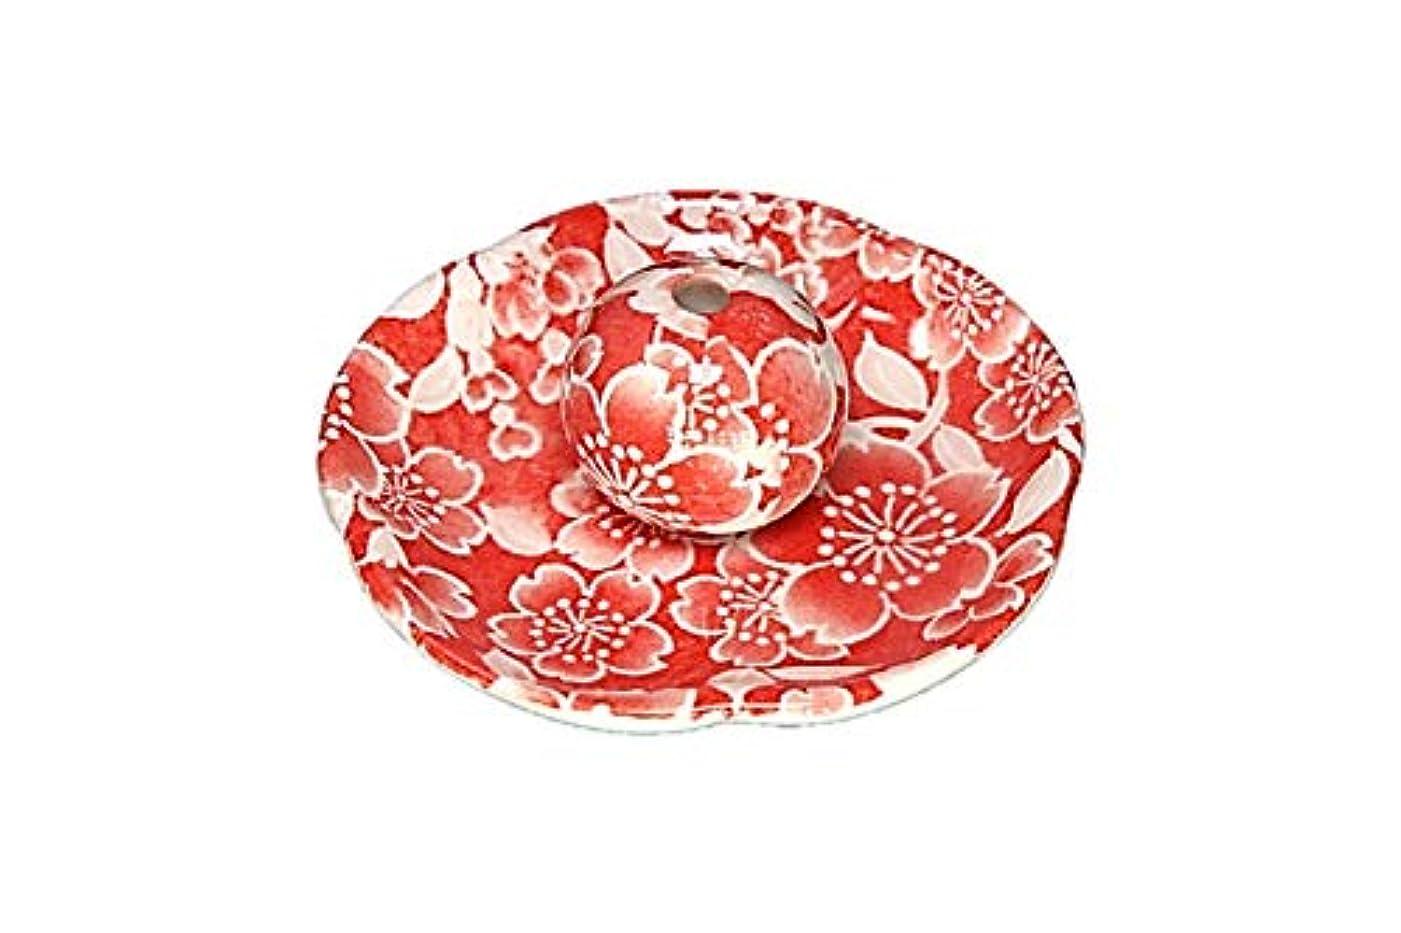 セクタ最適ページェント桜友禅 赤 花形香皿 お香立て お香たて 日本製 ACSWEBSHOPオリジナル